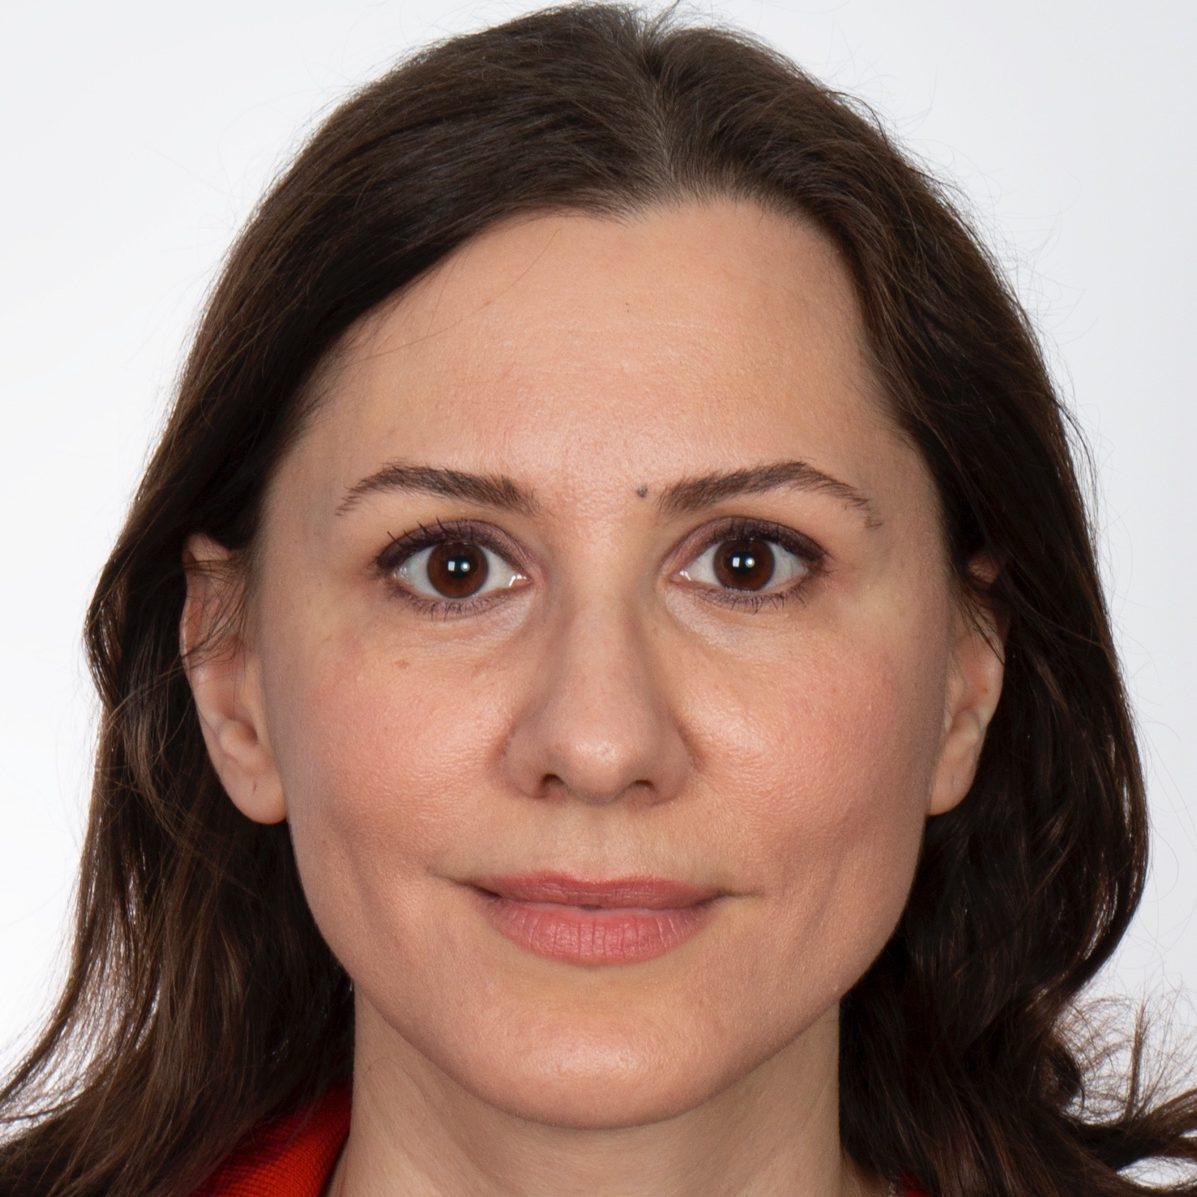 Ruxandra Gabriela Profile Picture